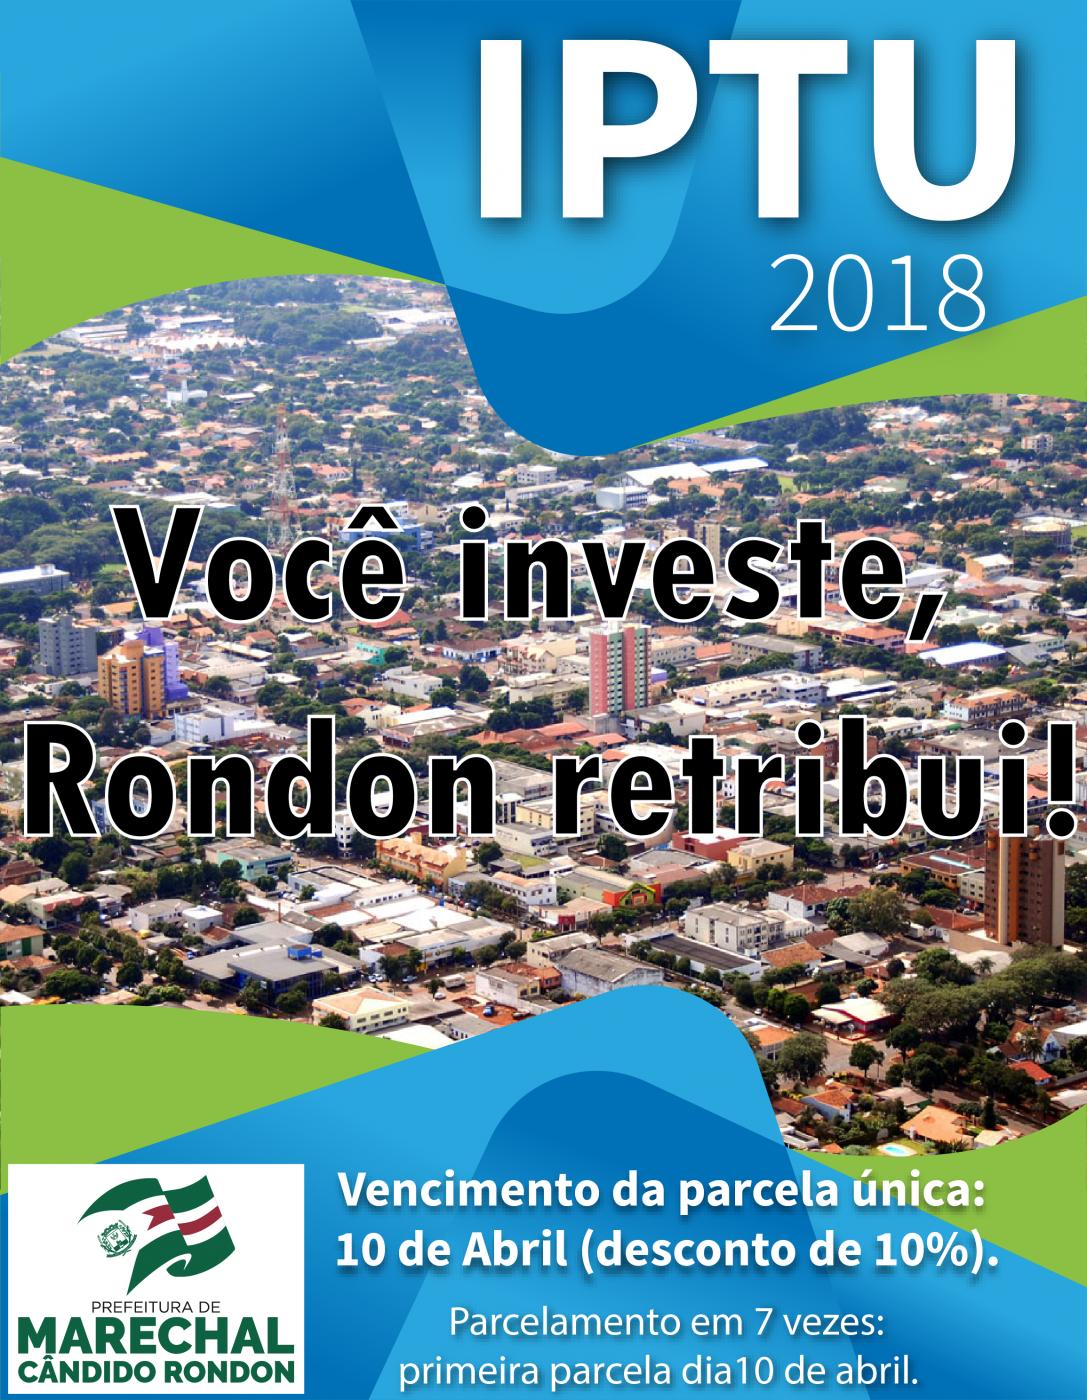 Prefeitura Municipal iniciará distribuição de carnês do IPTU na próxima terça-feira